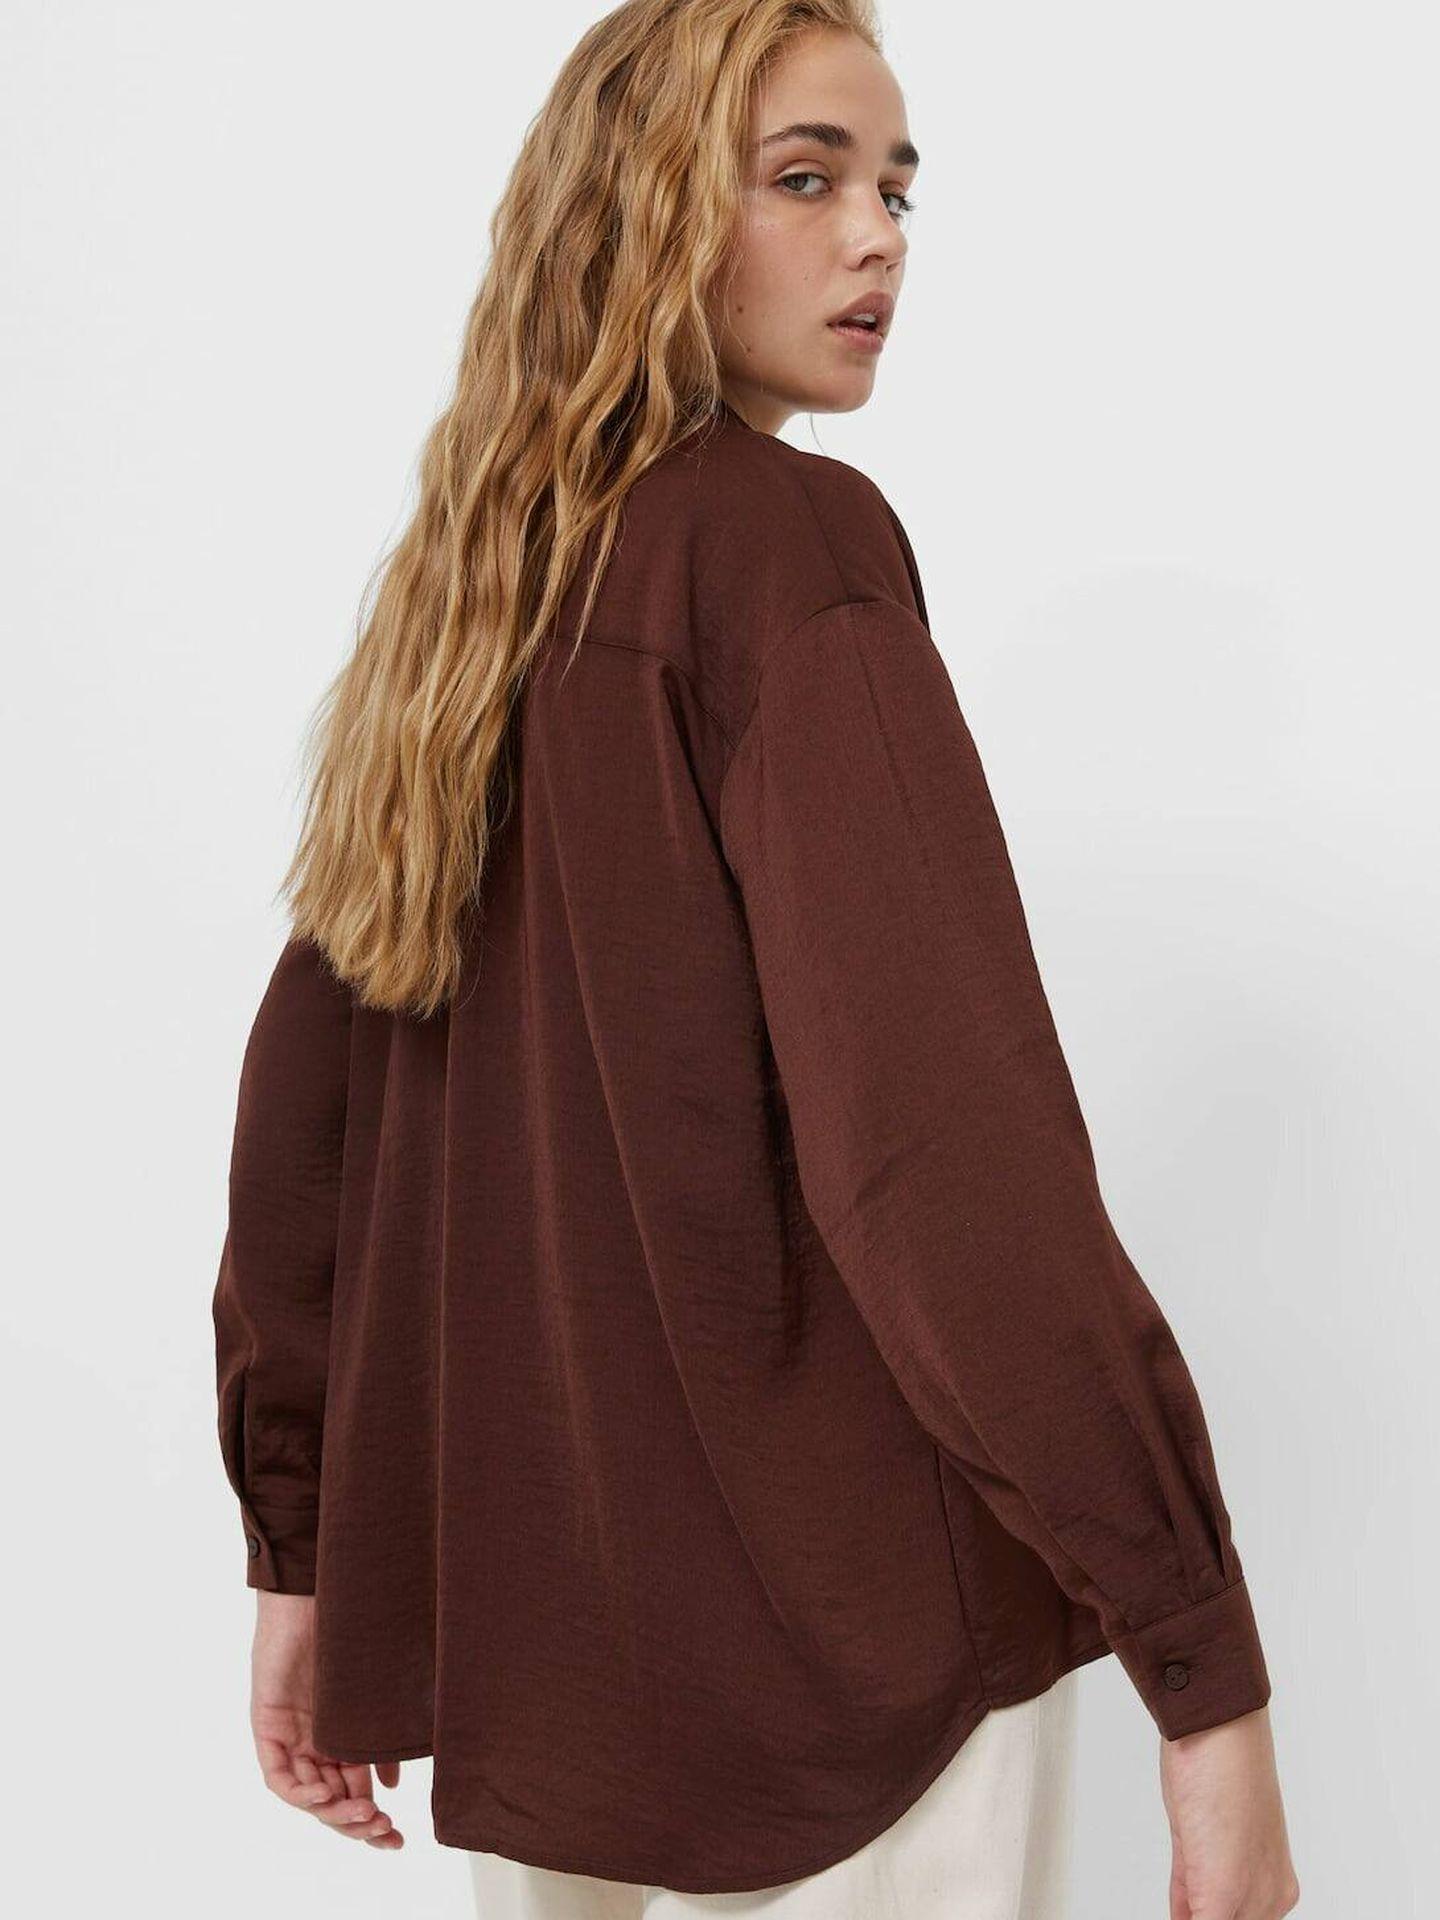 Camisa marrón de Stradivarius. (Cortesía)